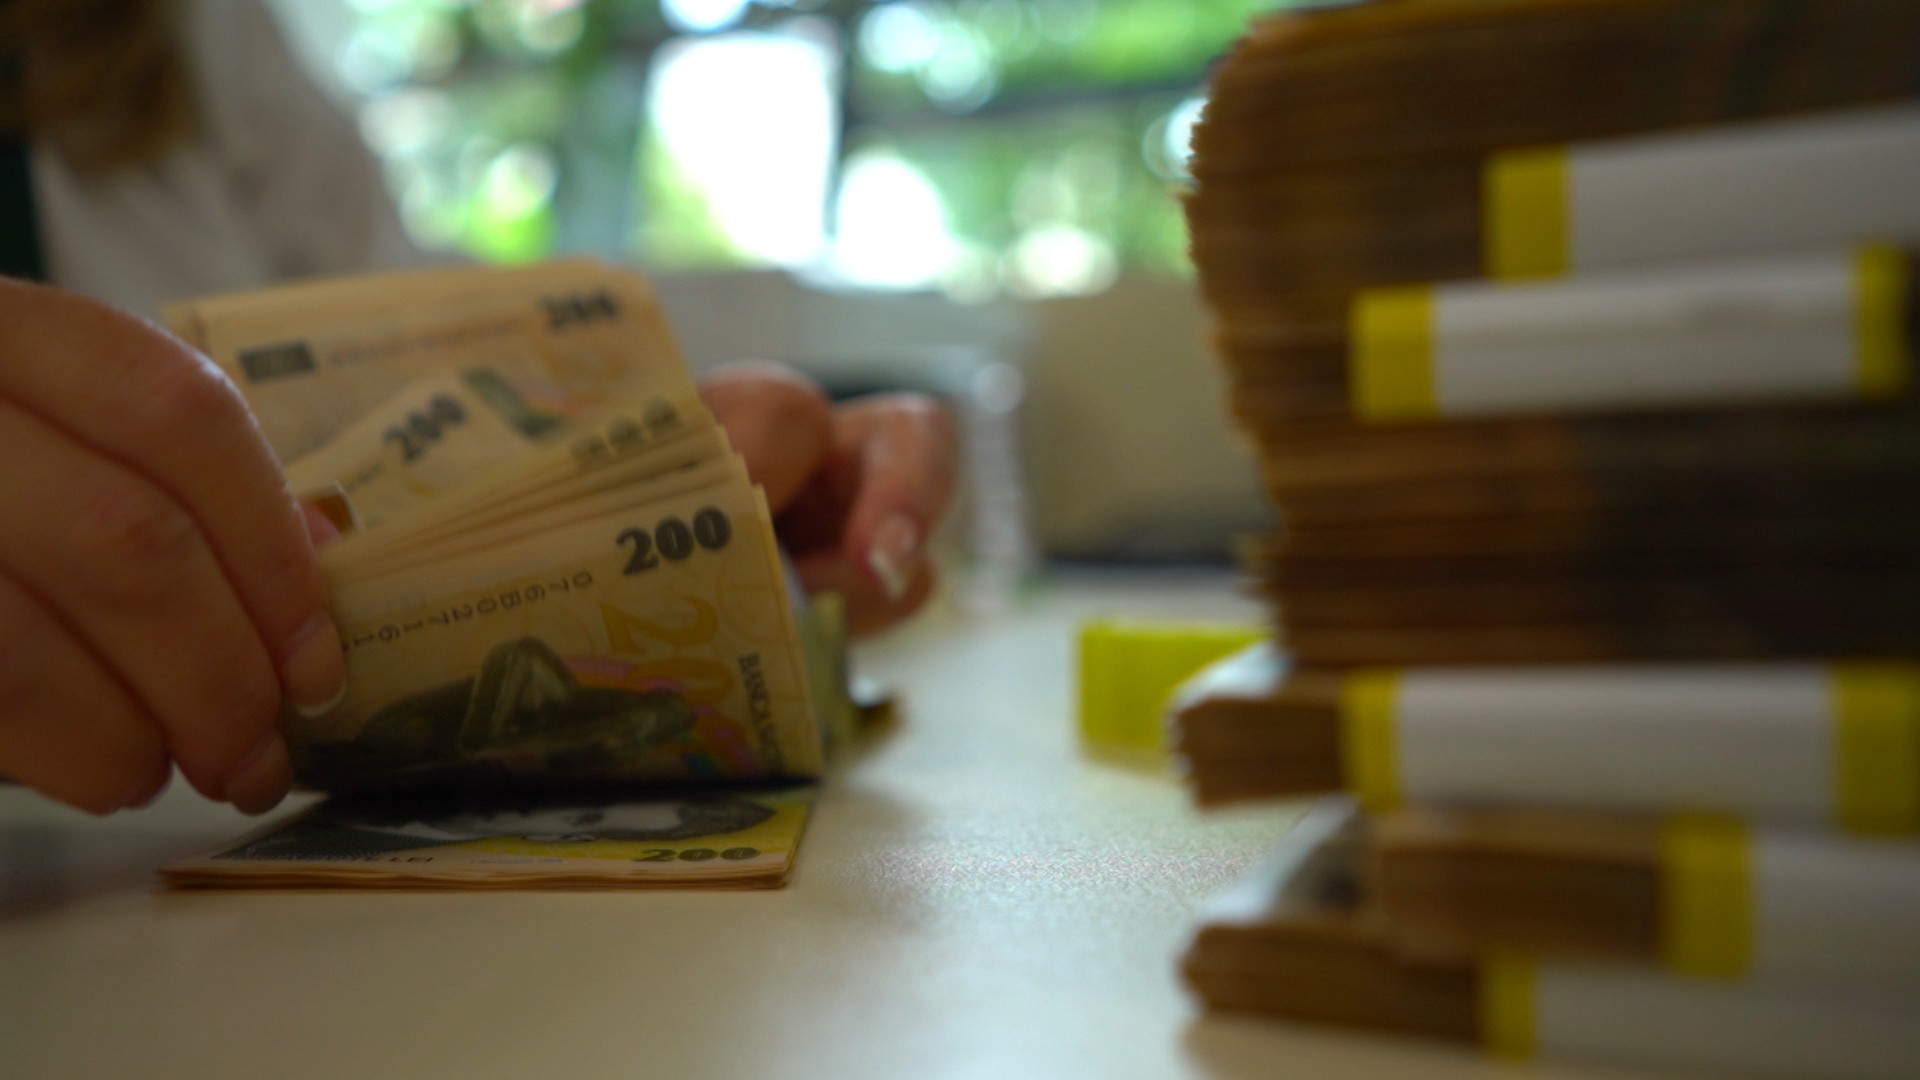 """Româniiar putea primiînplus138 de lei. Ministrul Muncii vede creşterea salariului minim pe economie ca pe o """"majorare consistentă"""""""